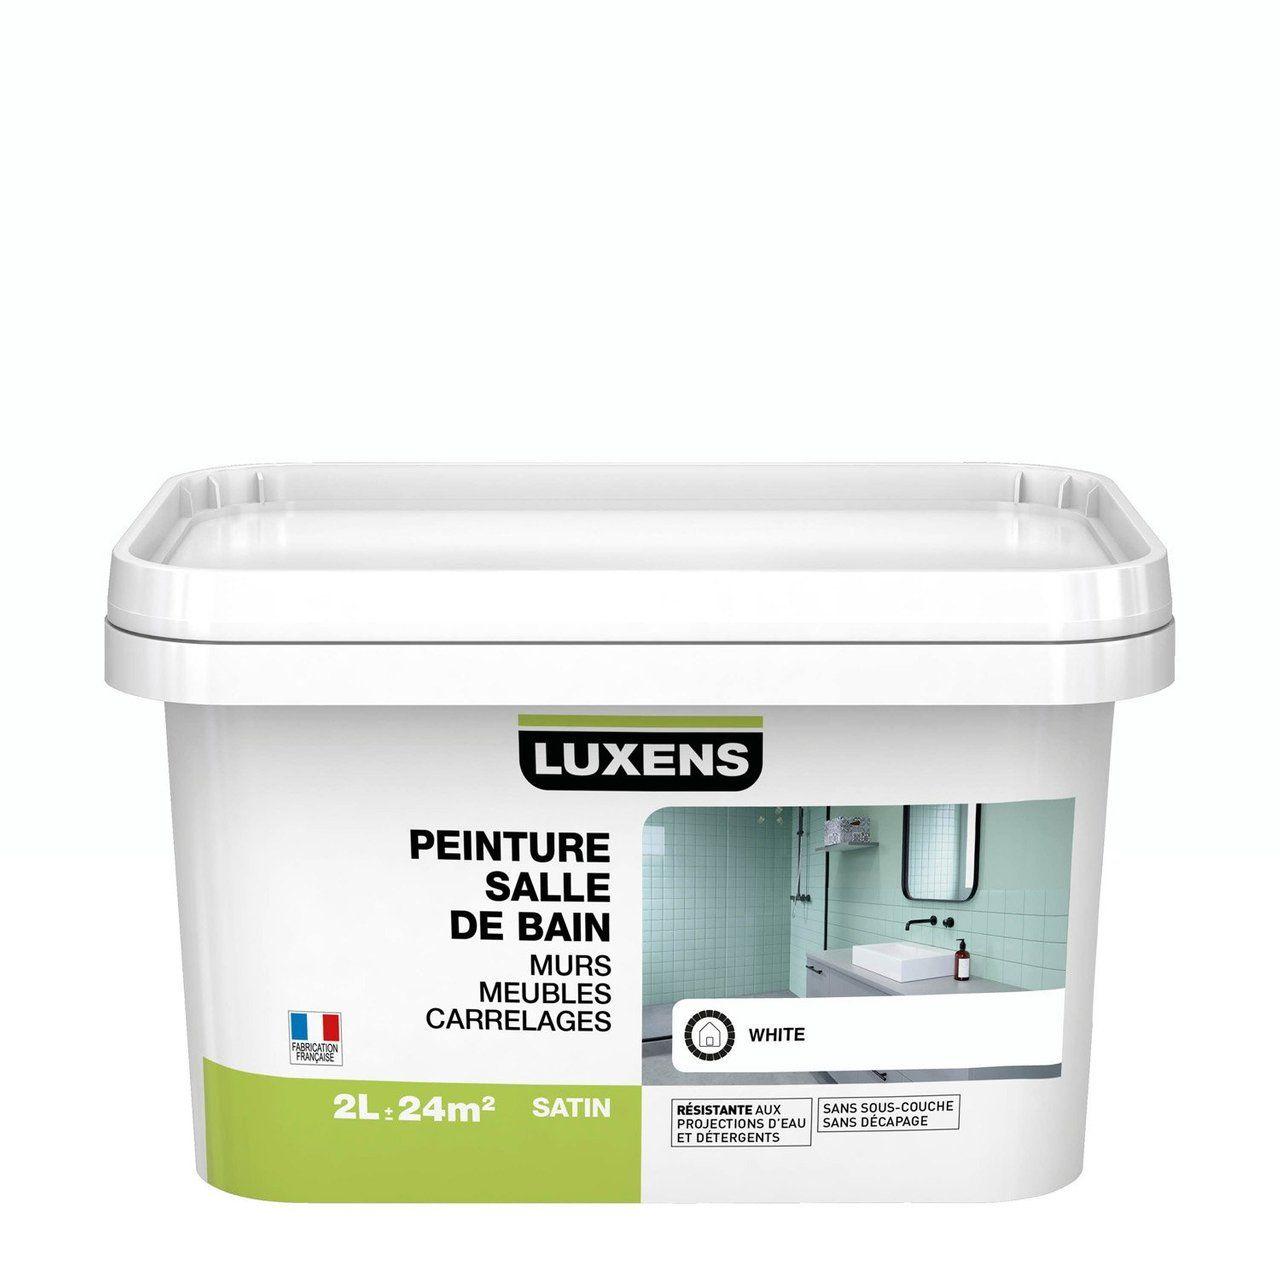 peinture salle de bain murs meubles carrelages luxens